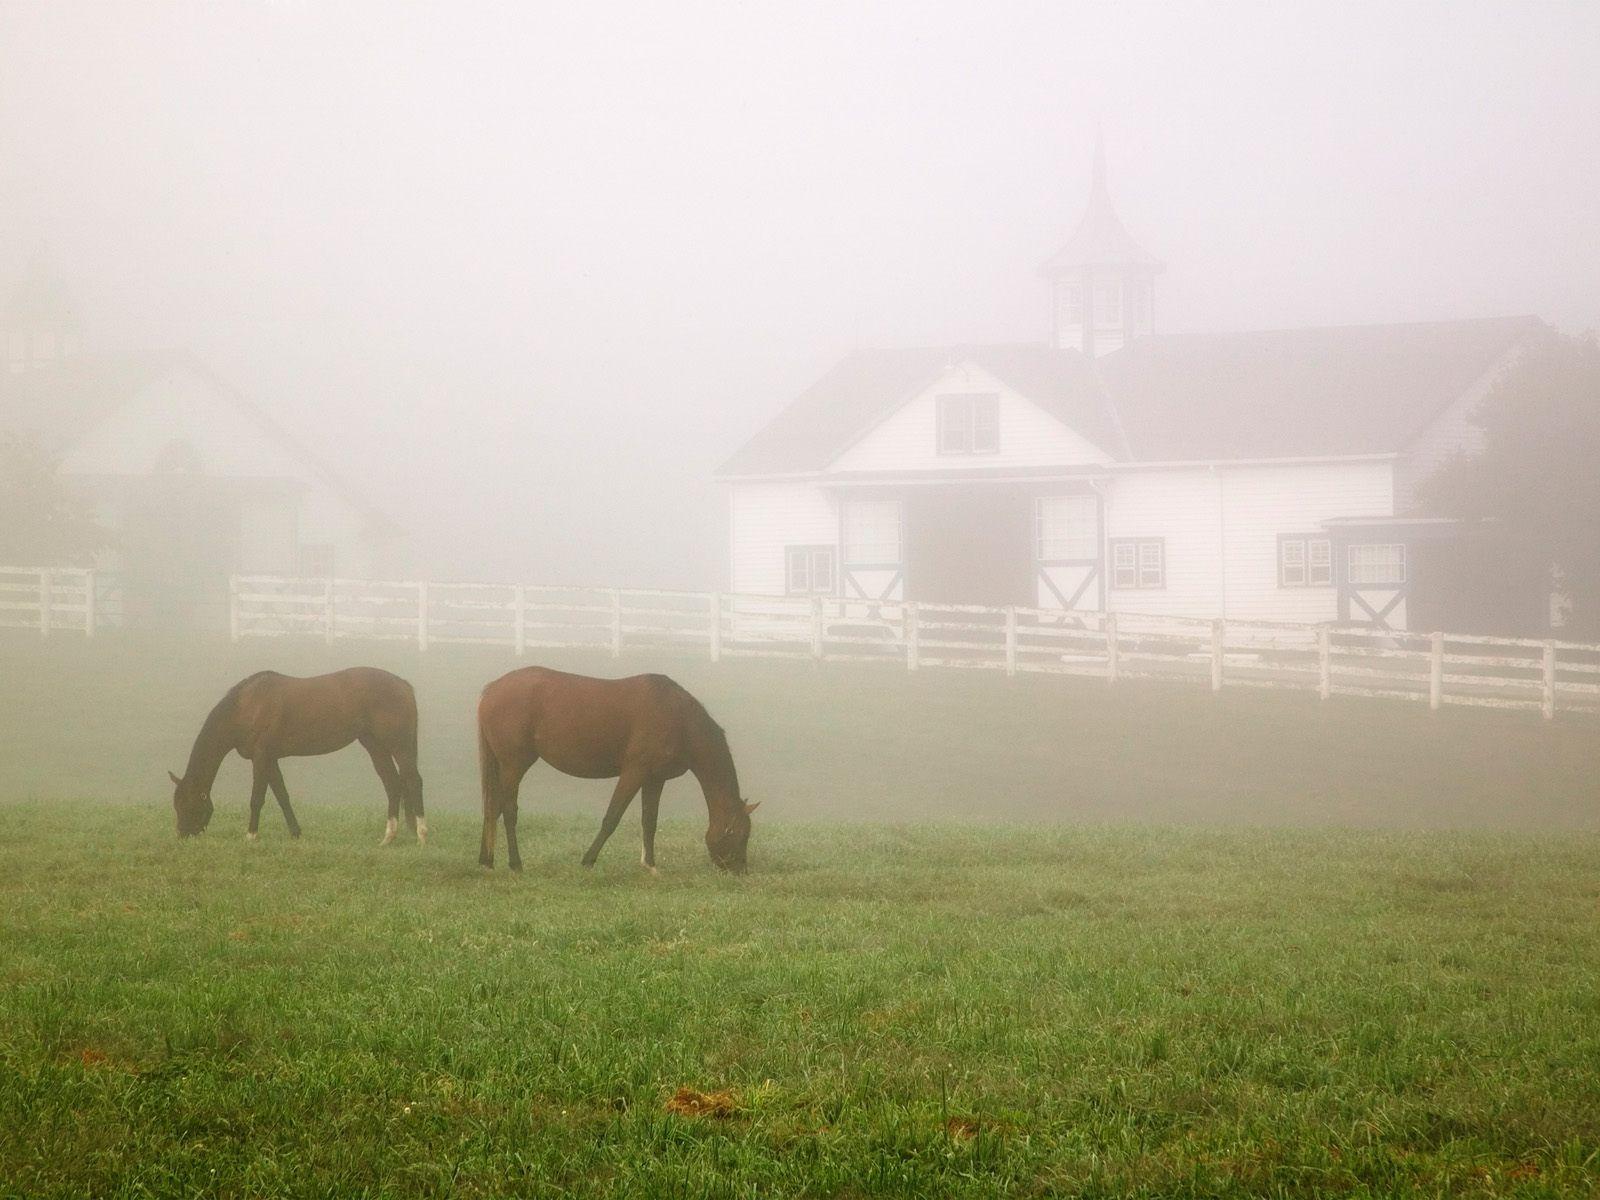 Manchester horse farm lexington kentucky picture for Horse farm